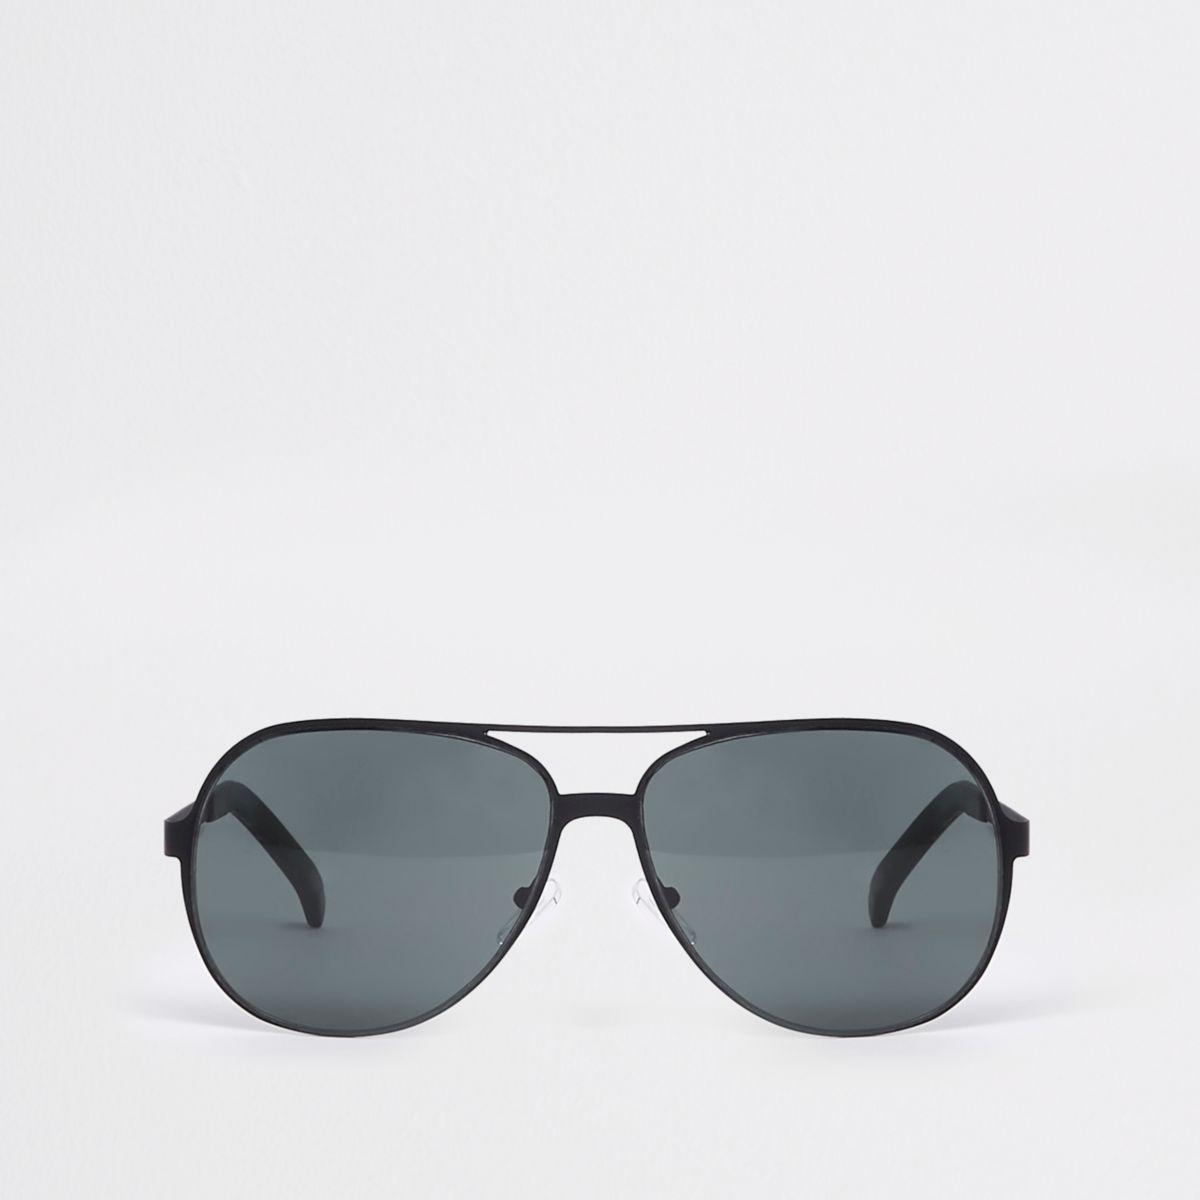 Schwarze Pilotensonnenbrille aus Metall